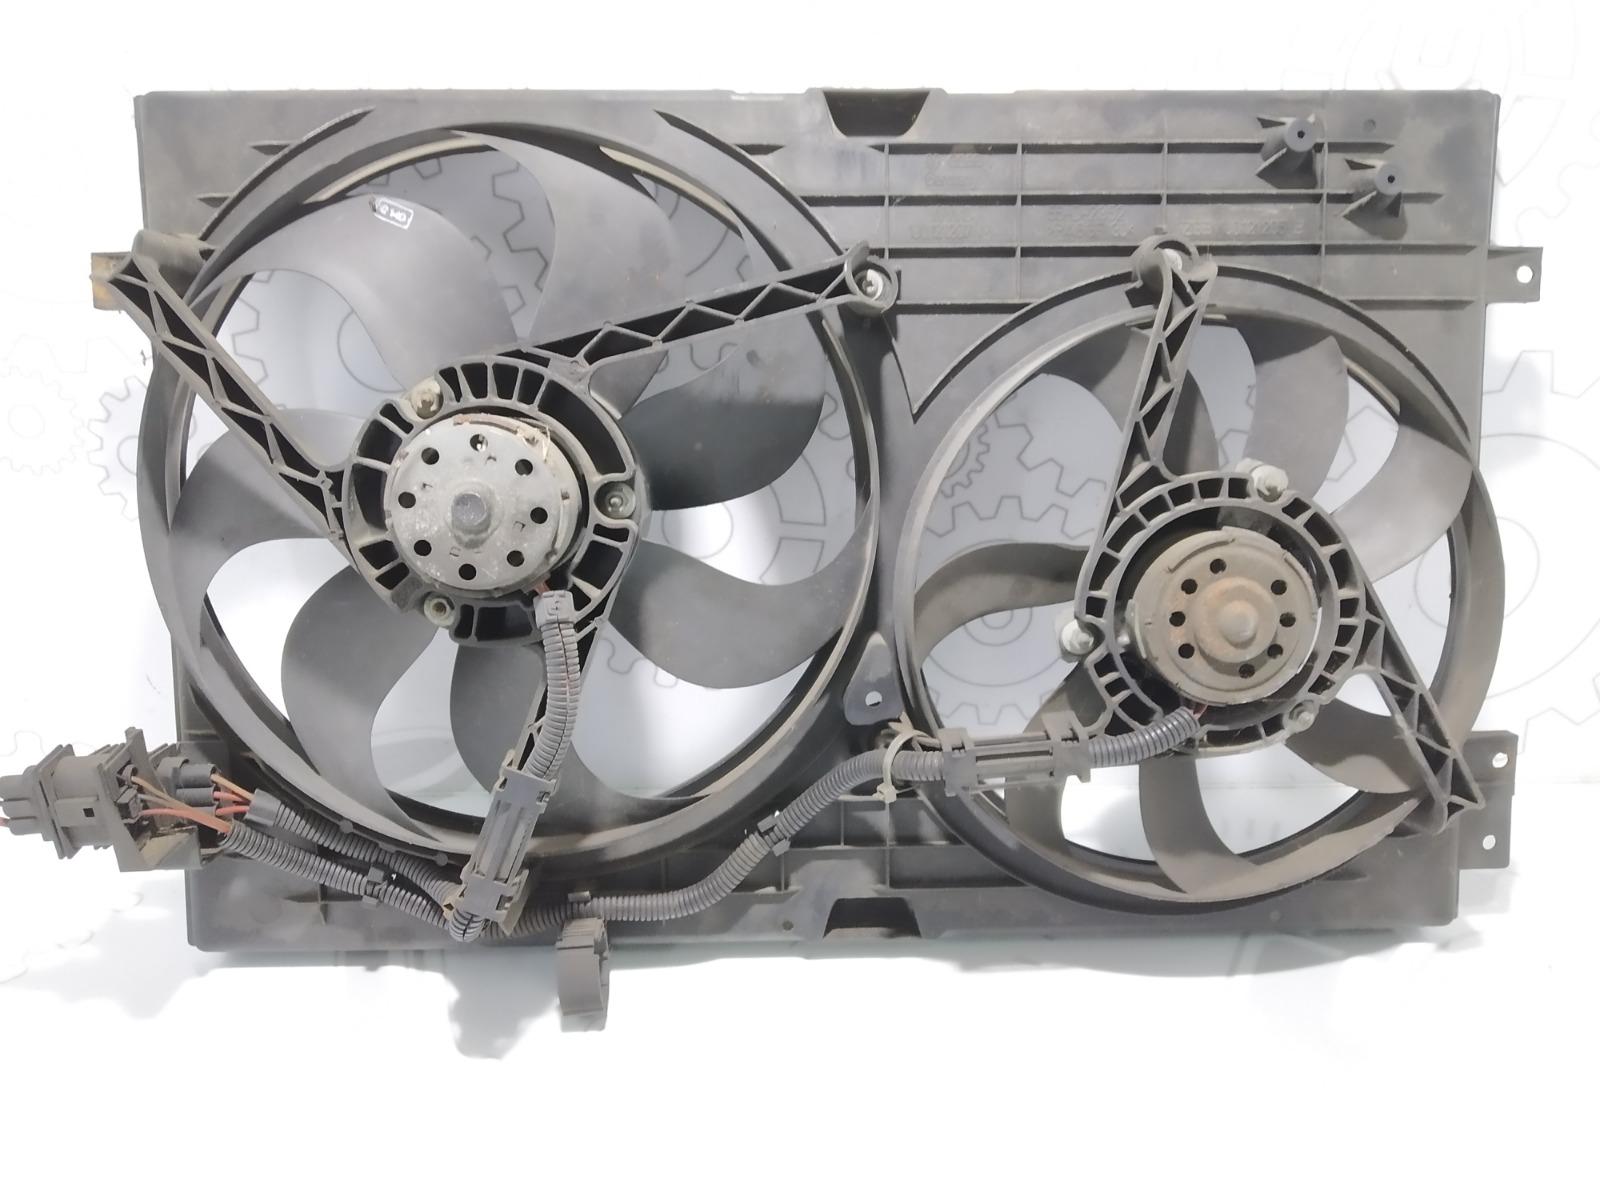 Вентилятор радиатора Volkswagen Bora 2.0 I 2002 (б/у)